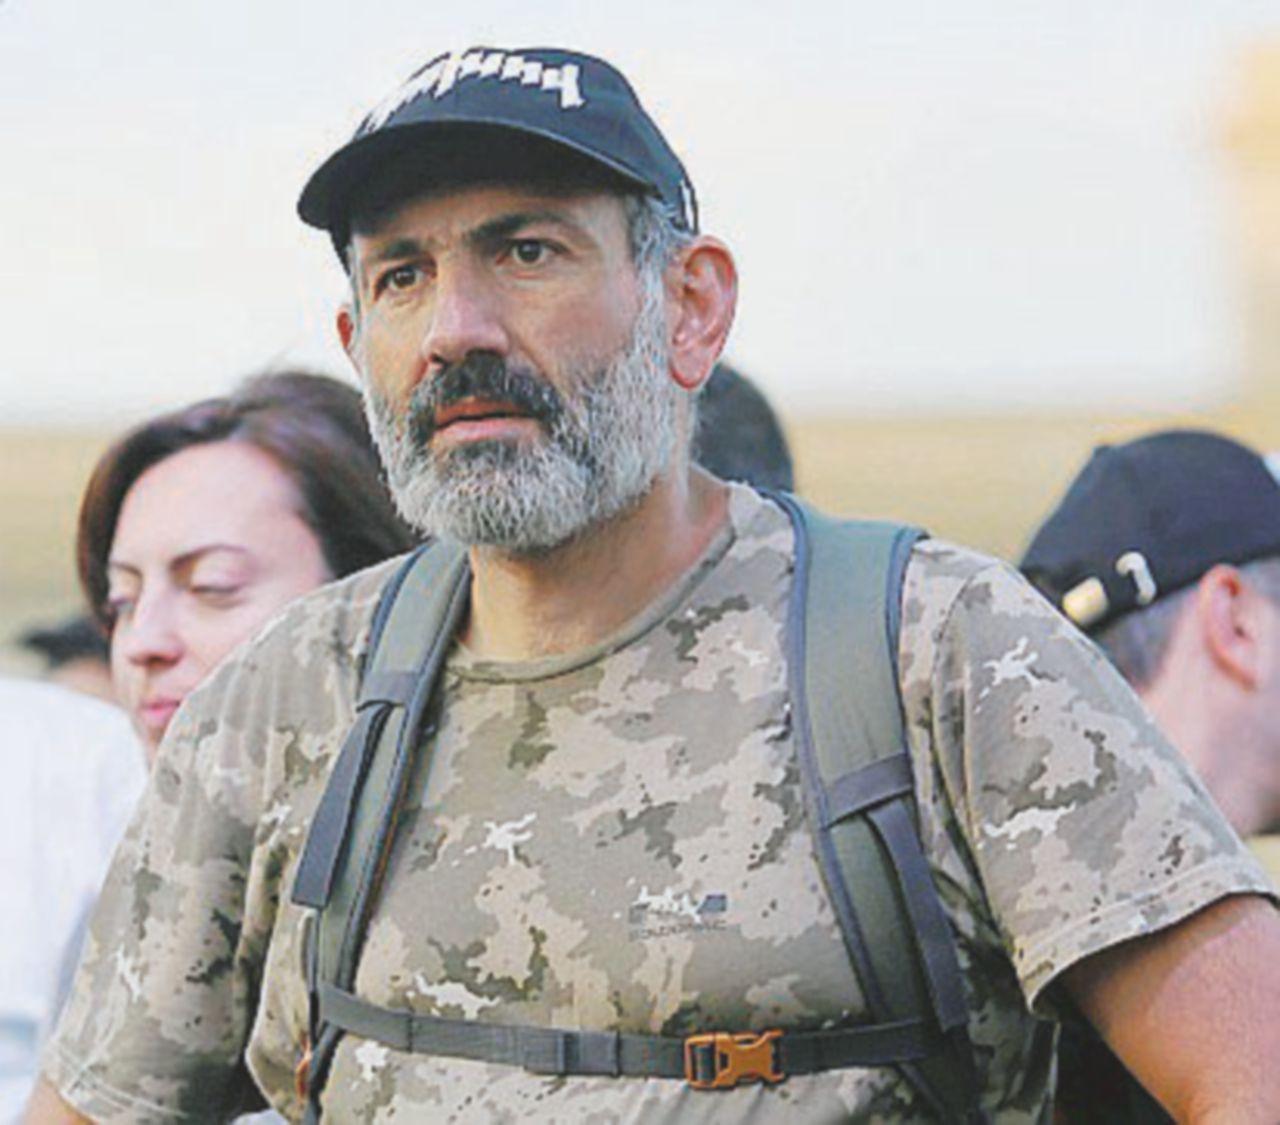 """Pashinyan bocciato dai deputati aizza il popolo: """"Il Parlamento non mi vuole premier, ribellione"""""""